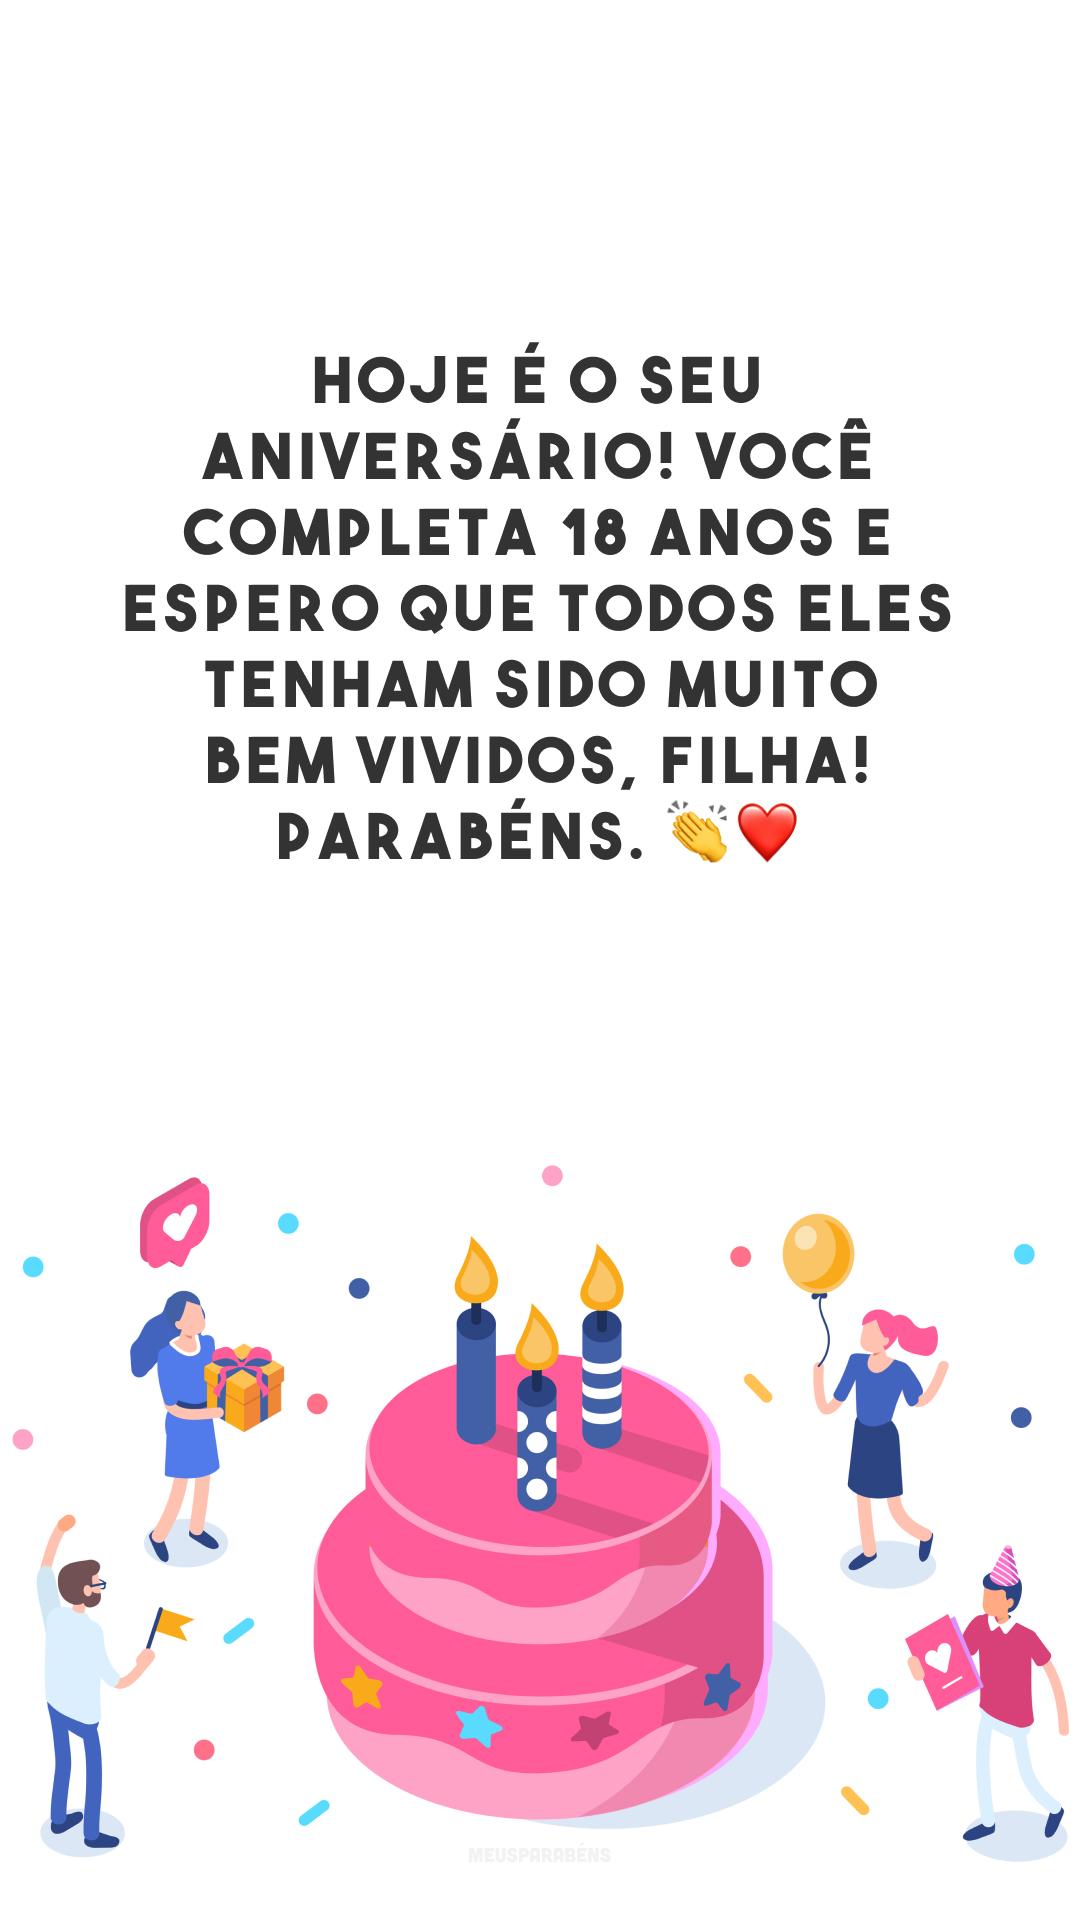 Hoje é o seu aniversário! Você completa 18 anos e espero que todos eles tenham sido muito bem vividos, filha! Parabéns. 👏❤️